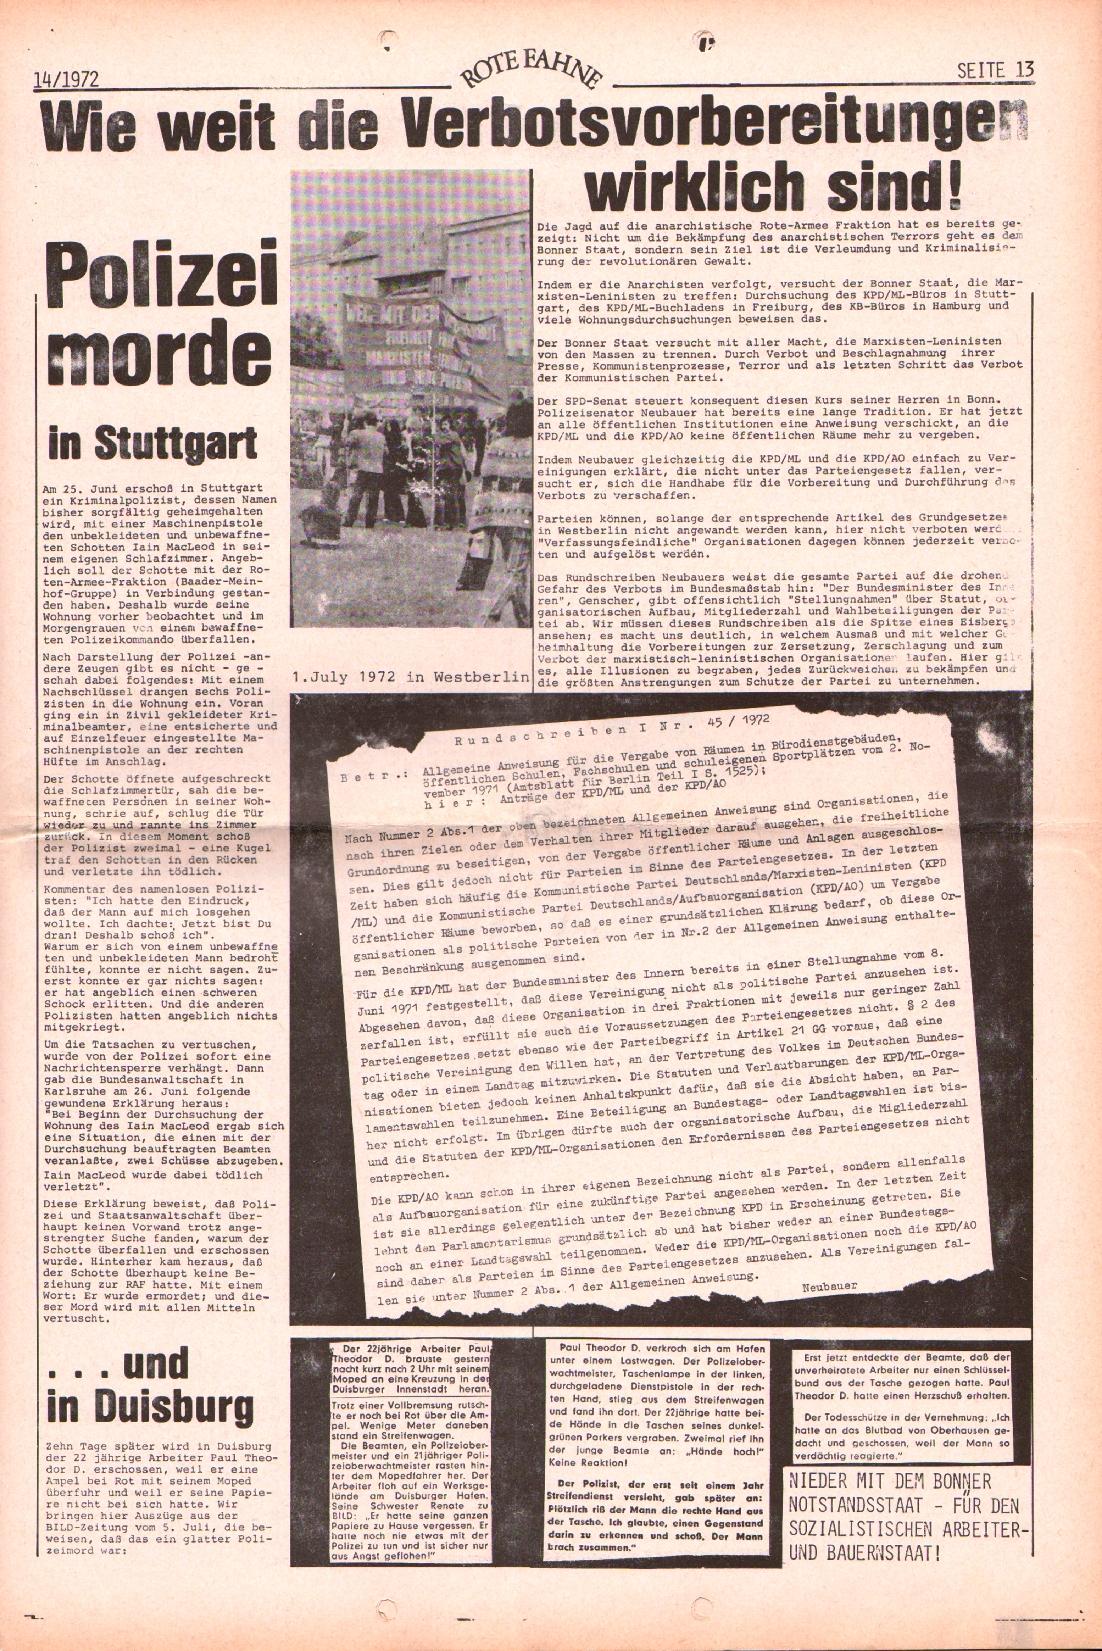 Rote Fahne, 3. Jg., 10.7.1972, Nr. 14, Seite 13